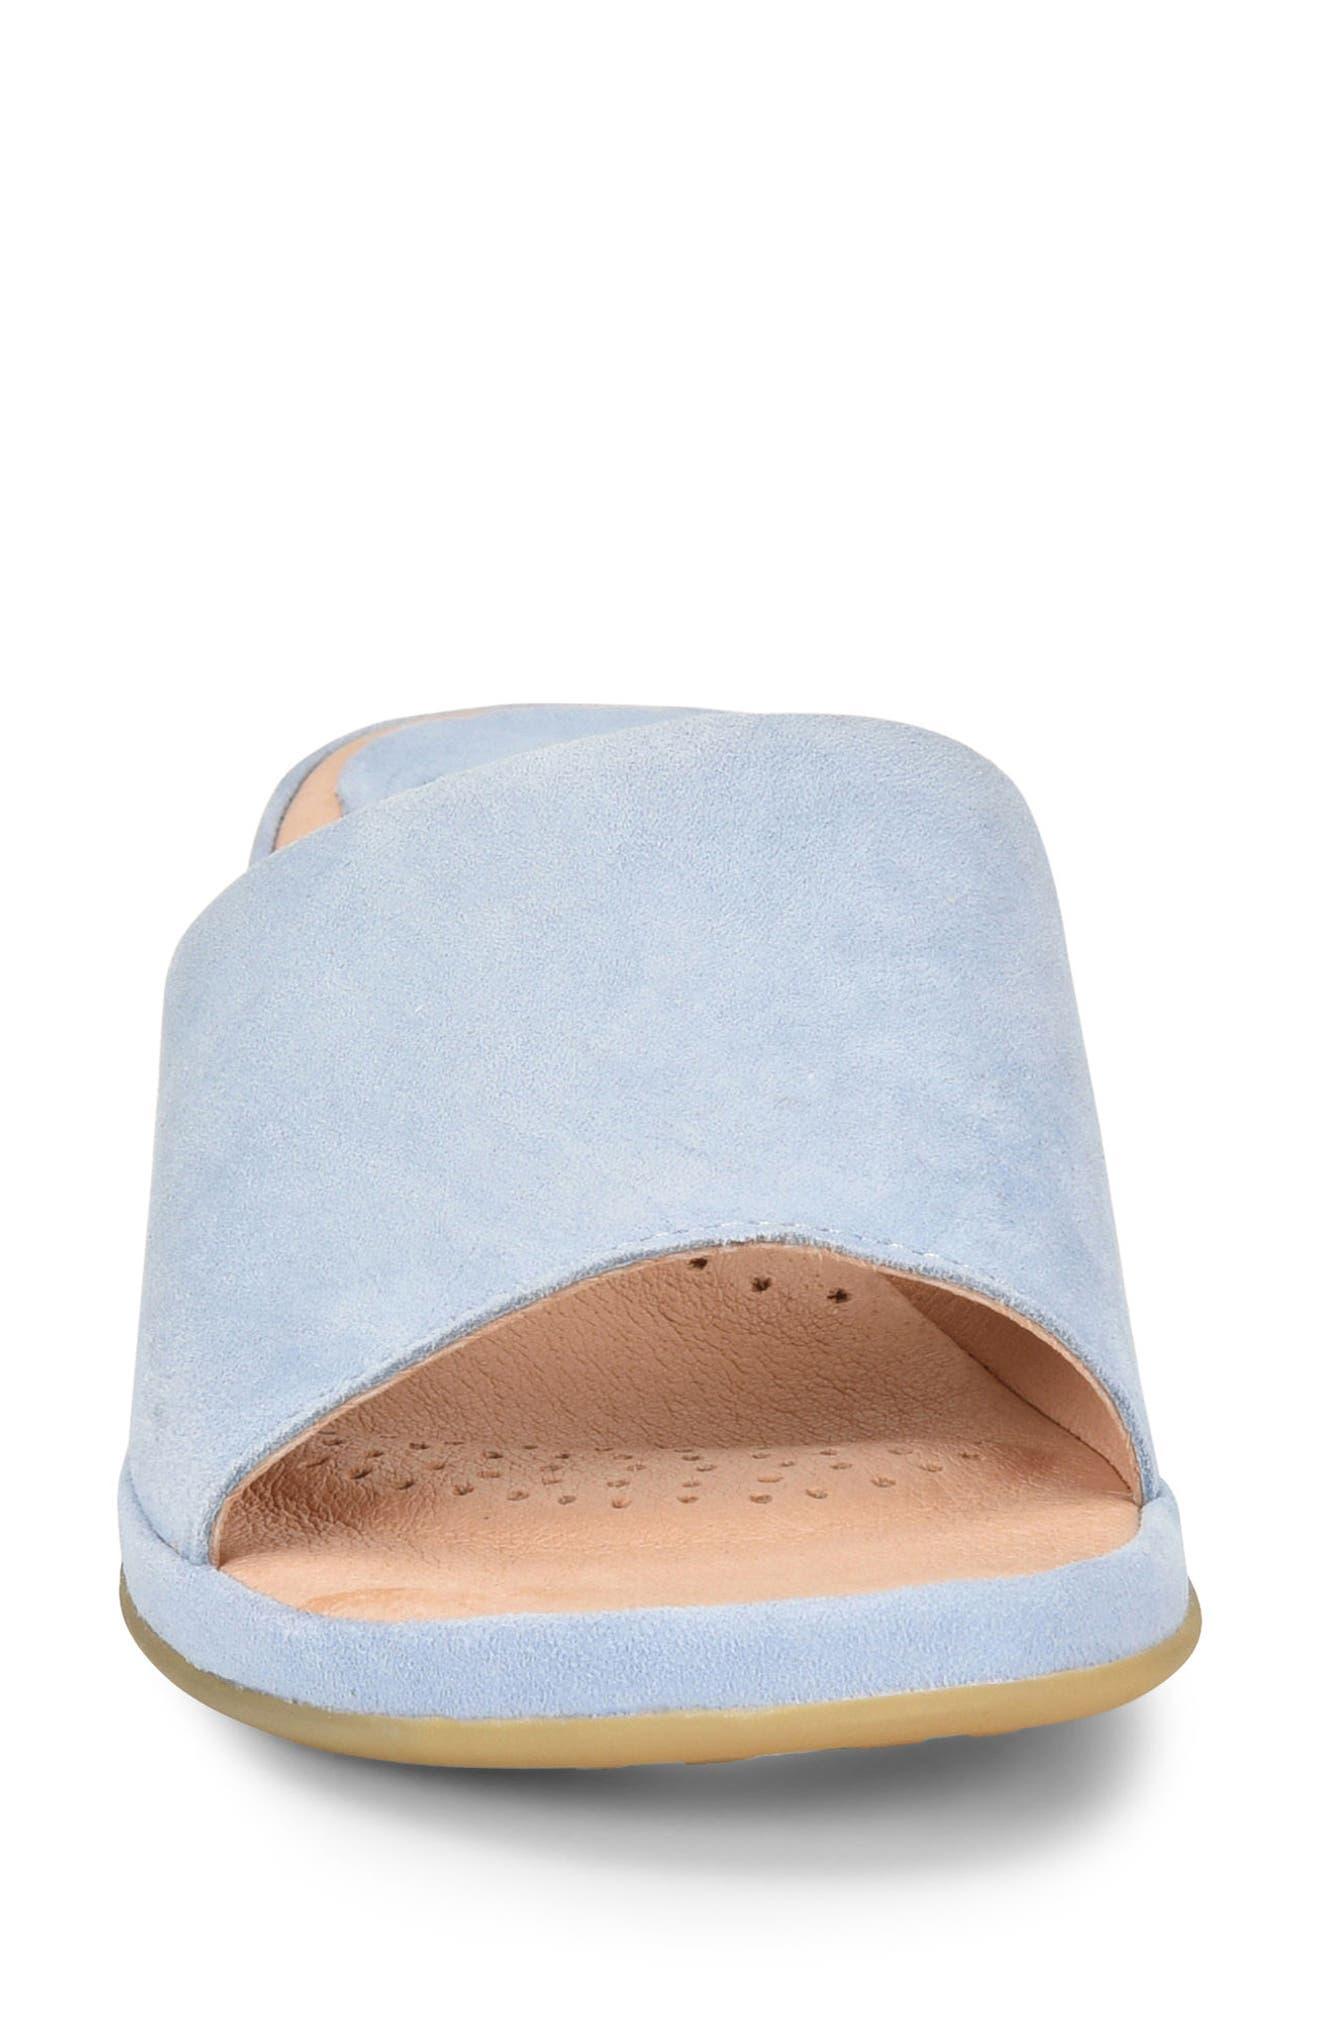 Bo Block Heel Slide Sandal,                             Alternate thumbnail 4, color,                             Light Blue Suede